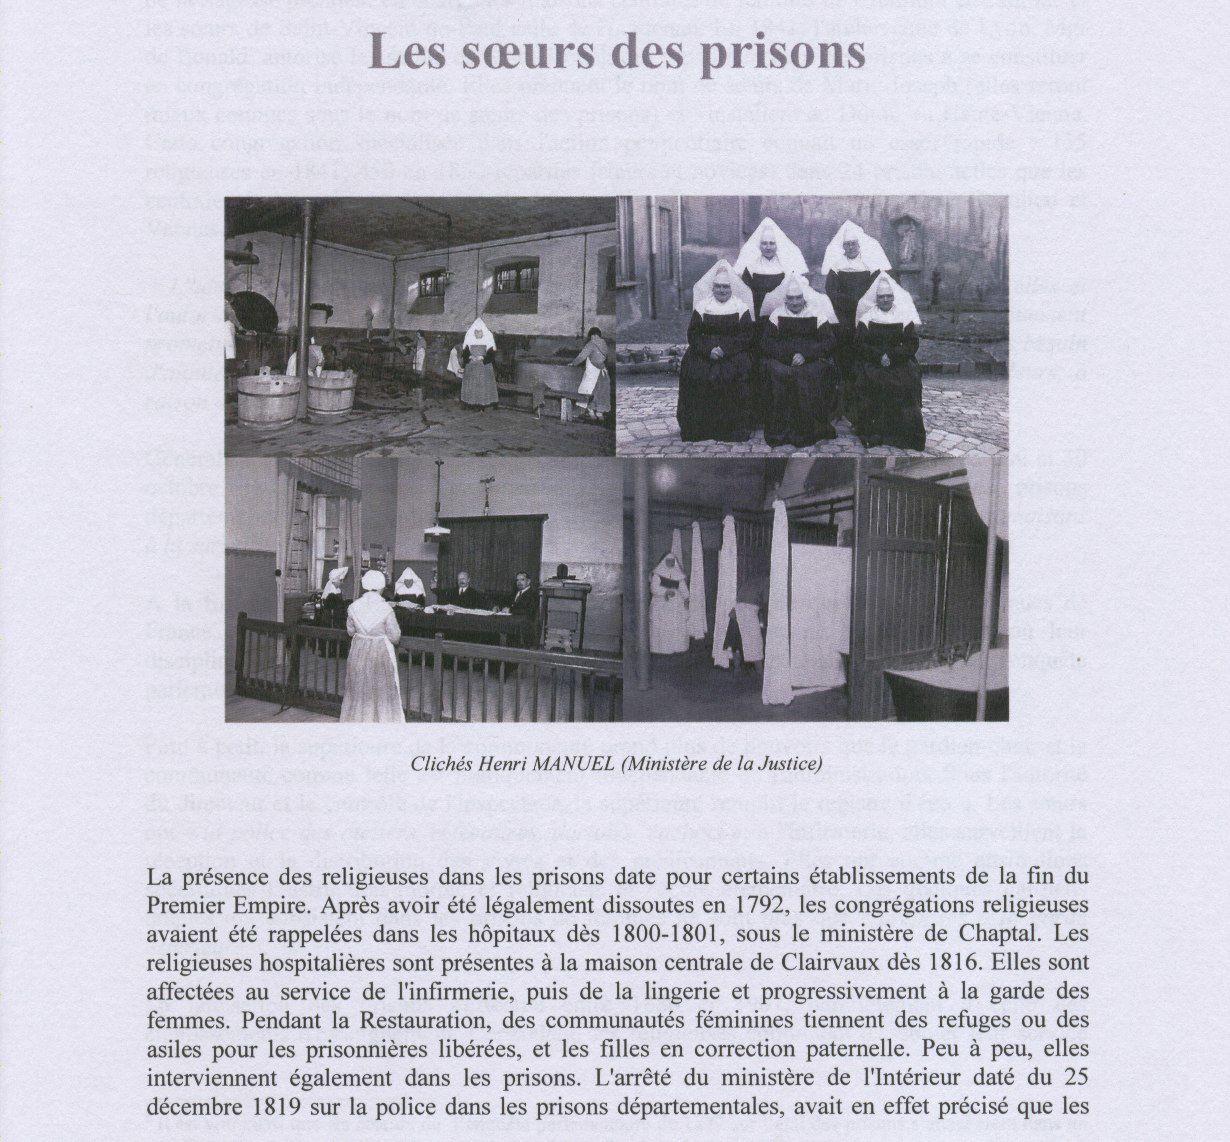 Les soeurs des prisons - repères historiques